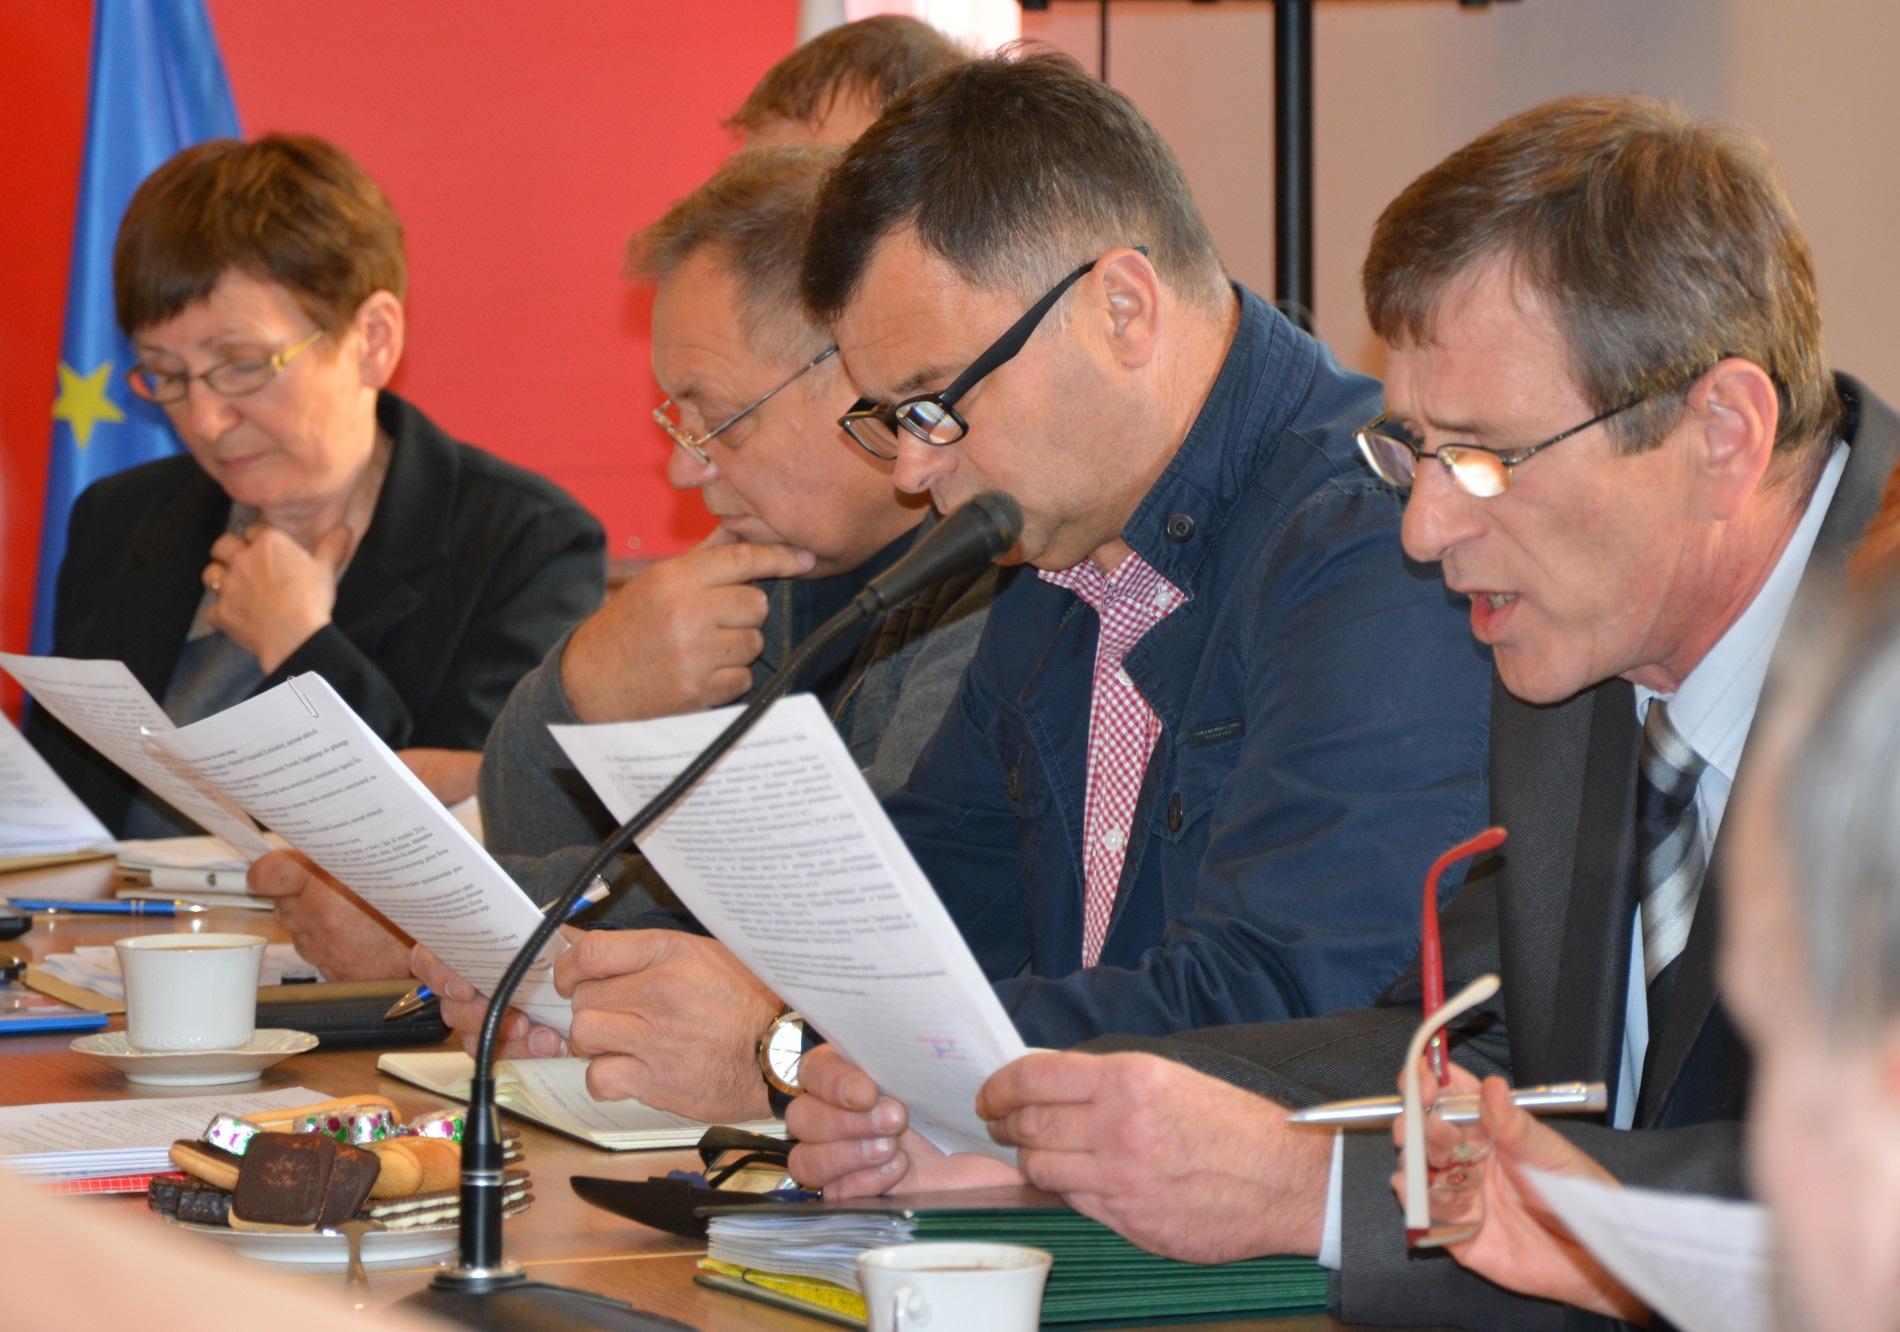 Osoby siedzą przy stole i czytaja dokumenty